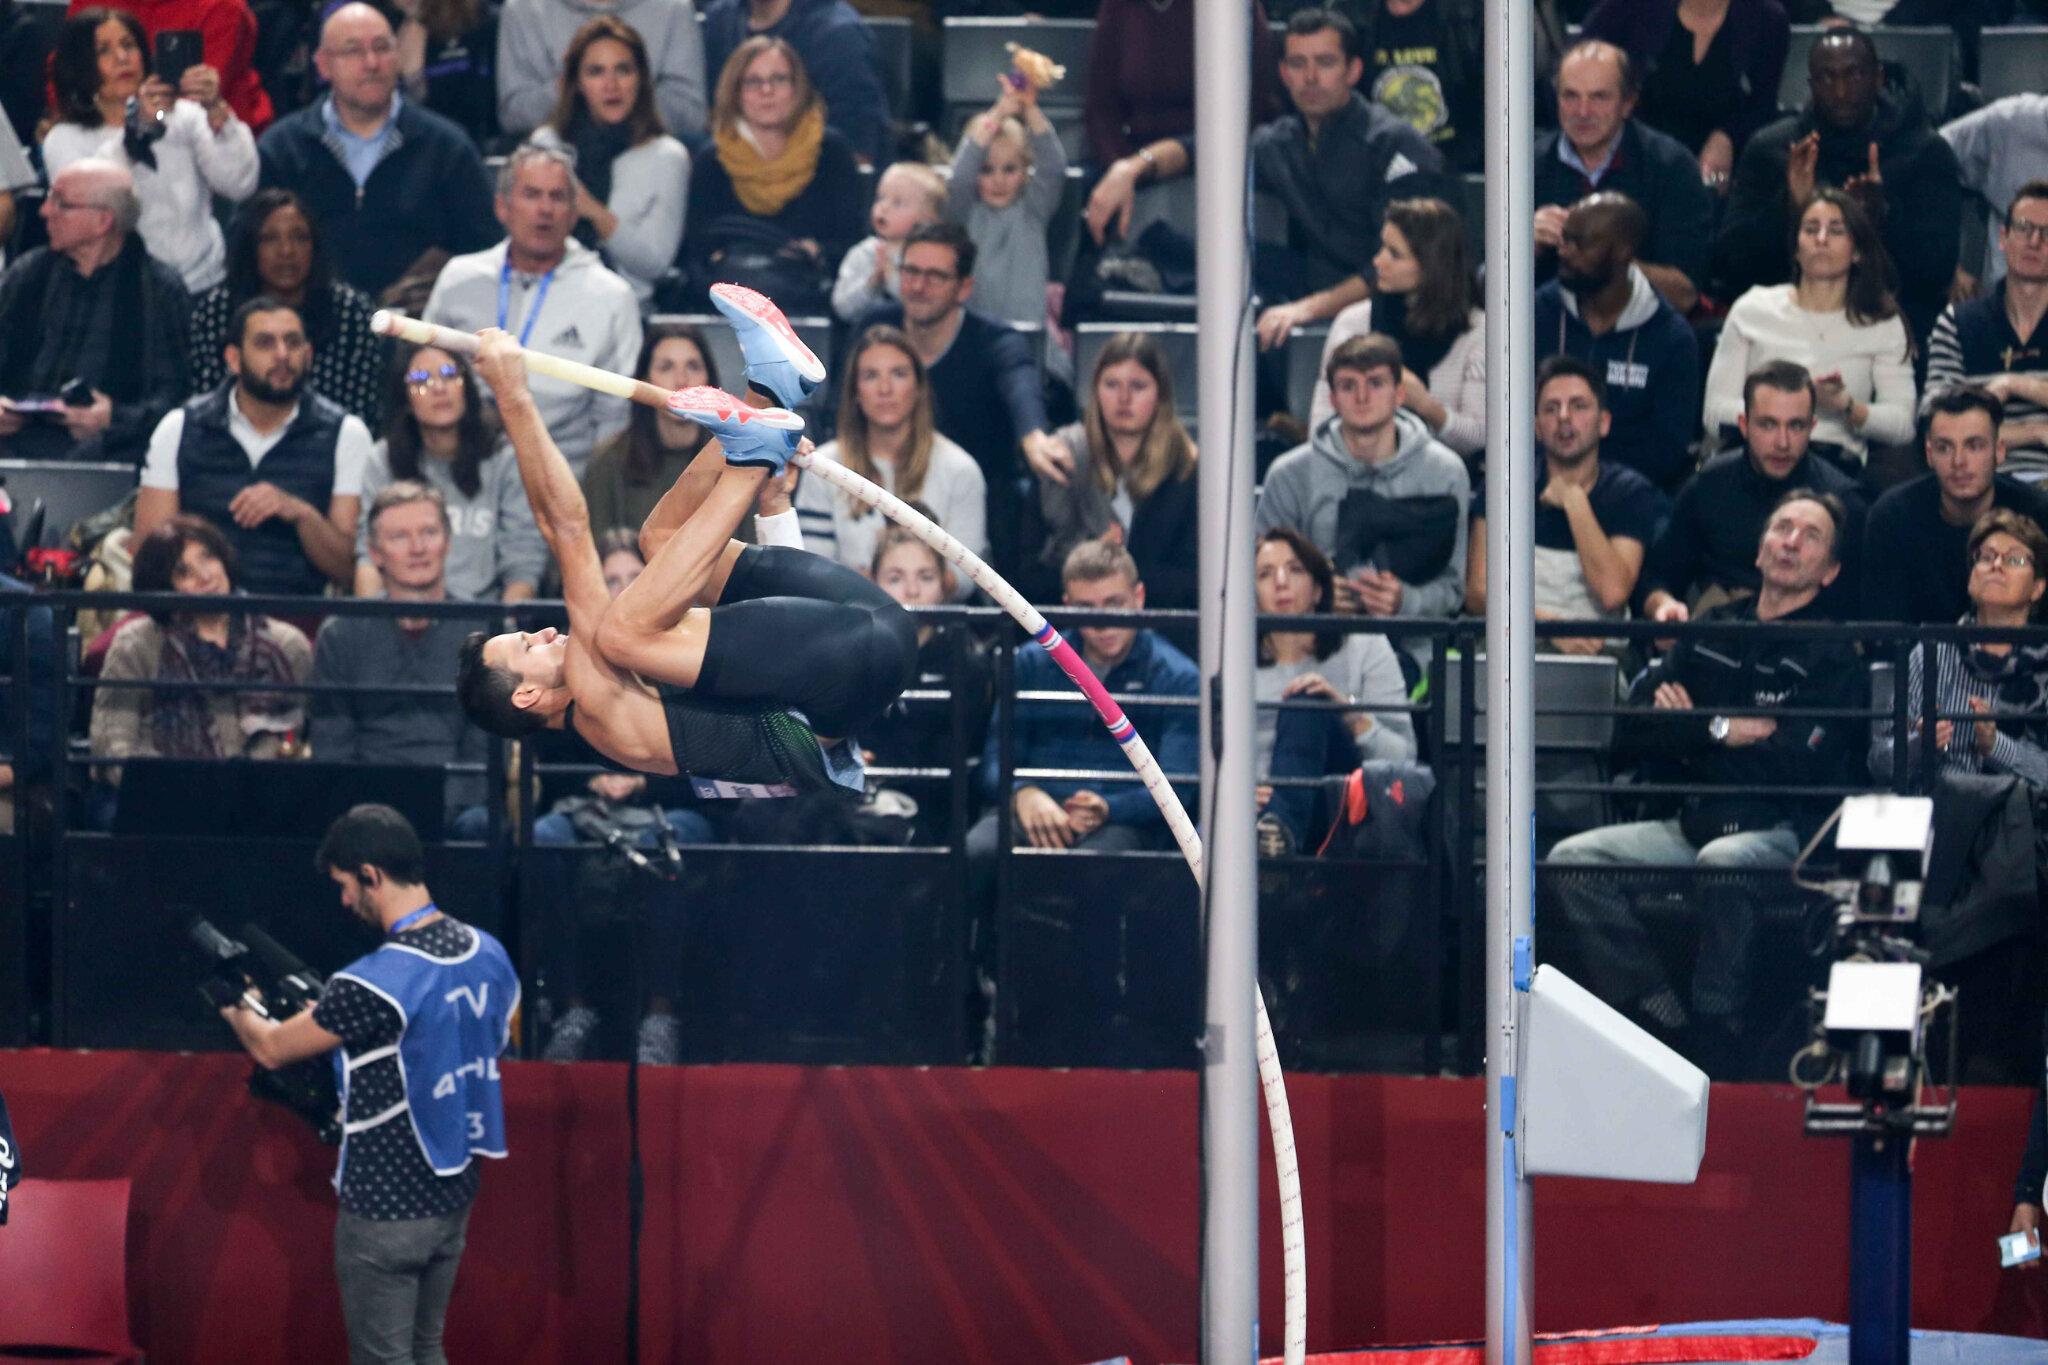 Le Meeting de Paris Indoor de retour à l'AccorHotels Arena Bercy. © Michel Stoupak. Dim 29.01.2019, 18h04m07.